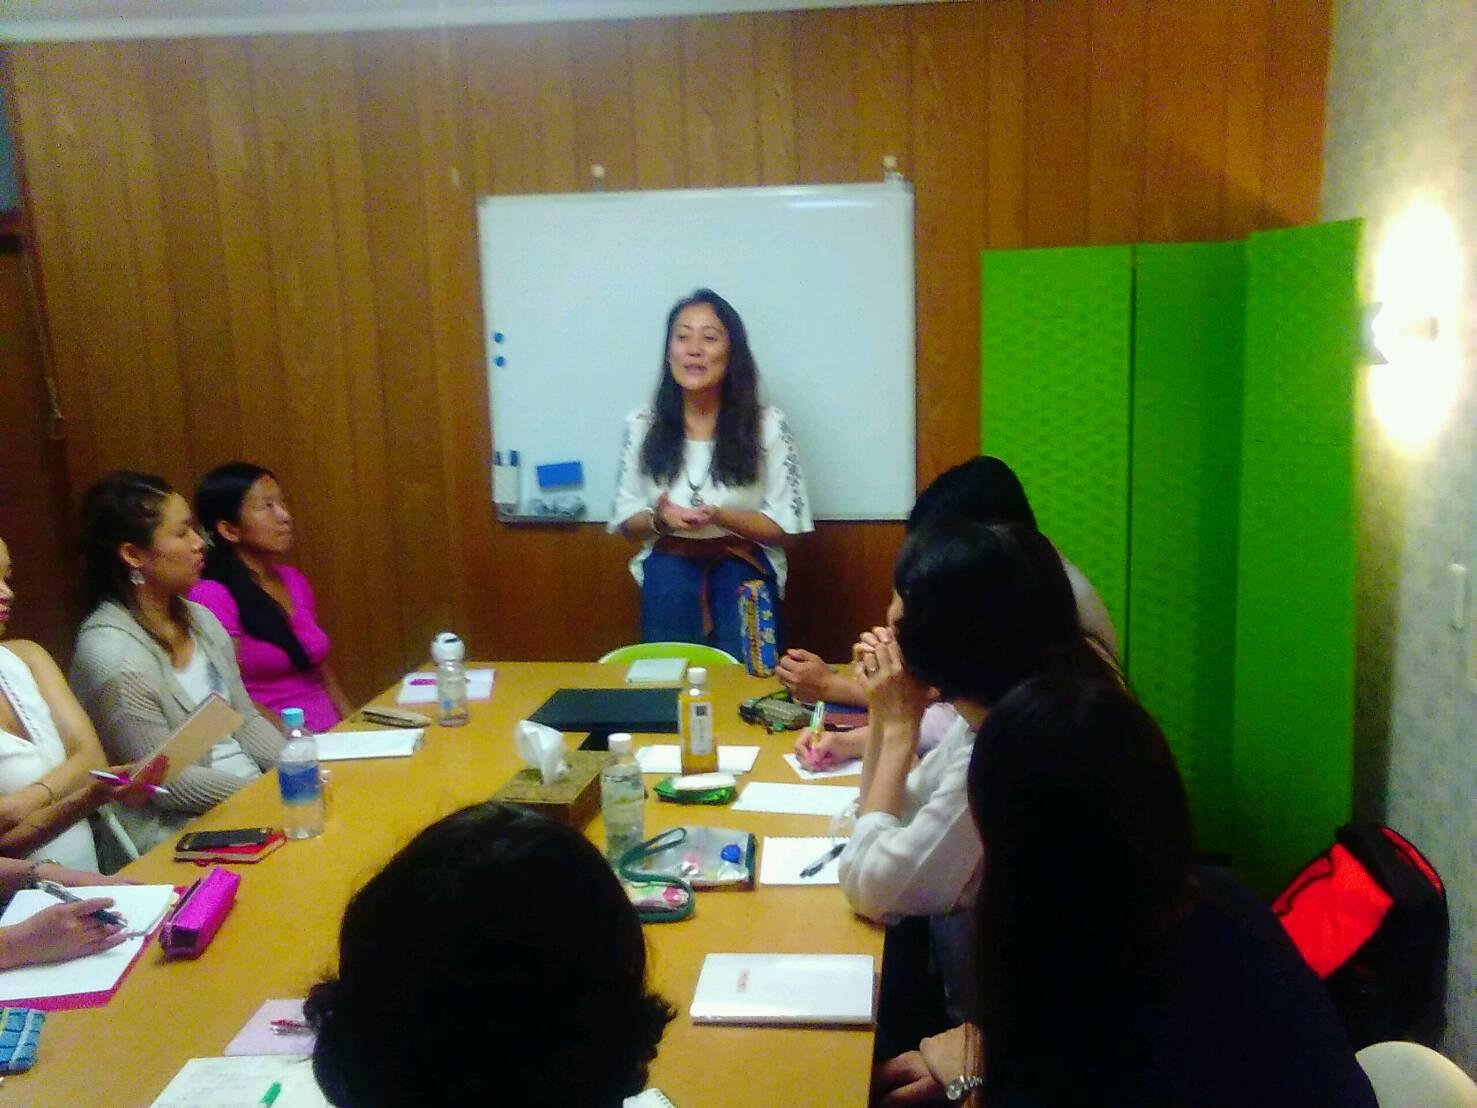 2594 - 2017年9月7日愛の子育て塾第11期第2講座開催しました。